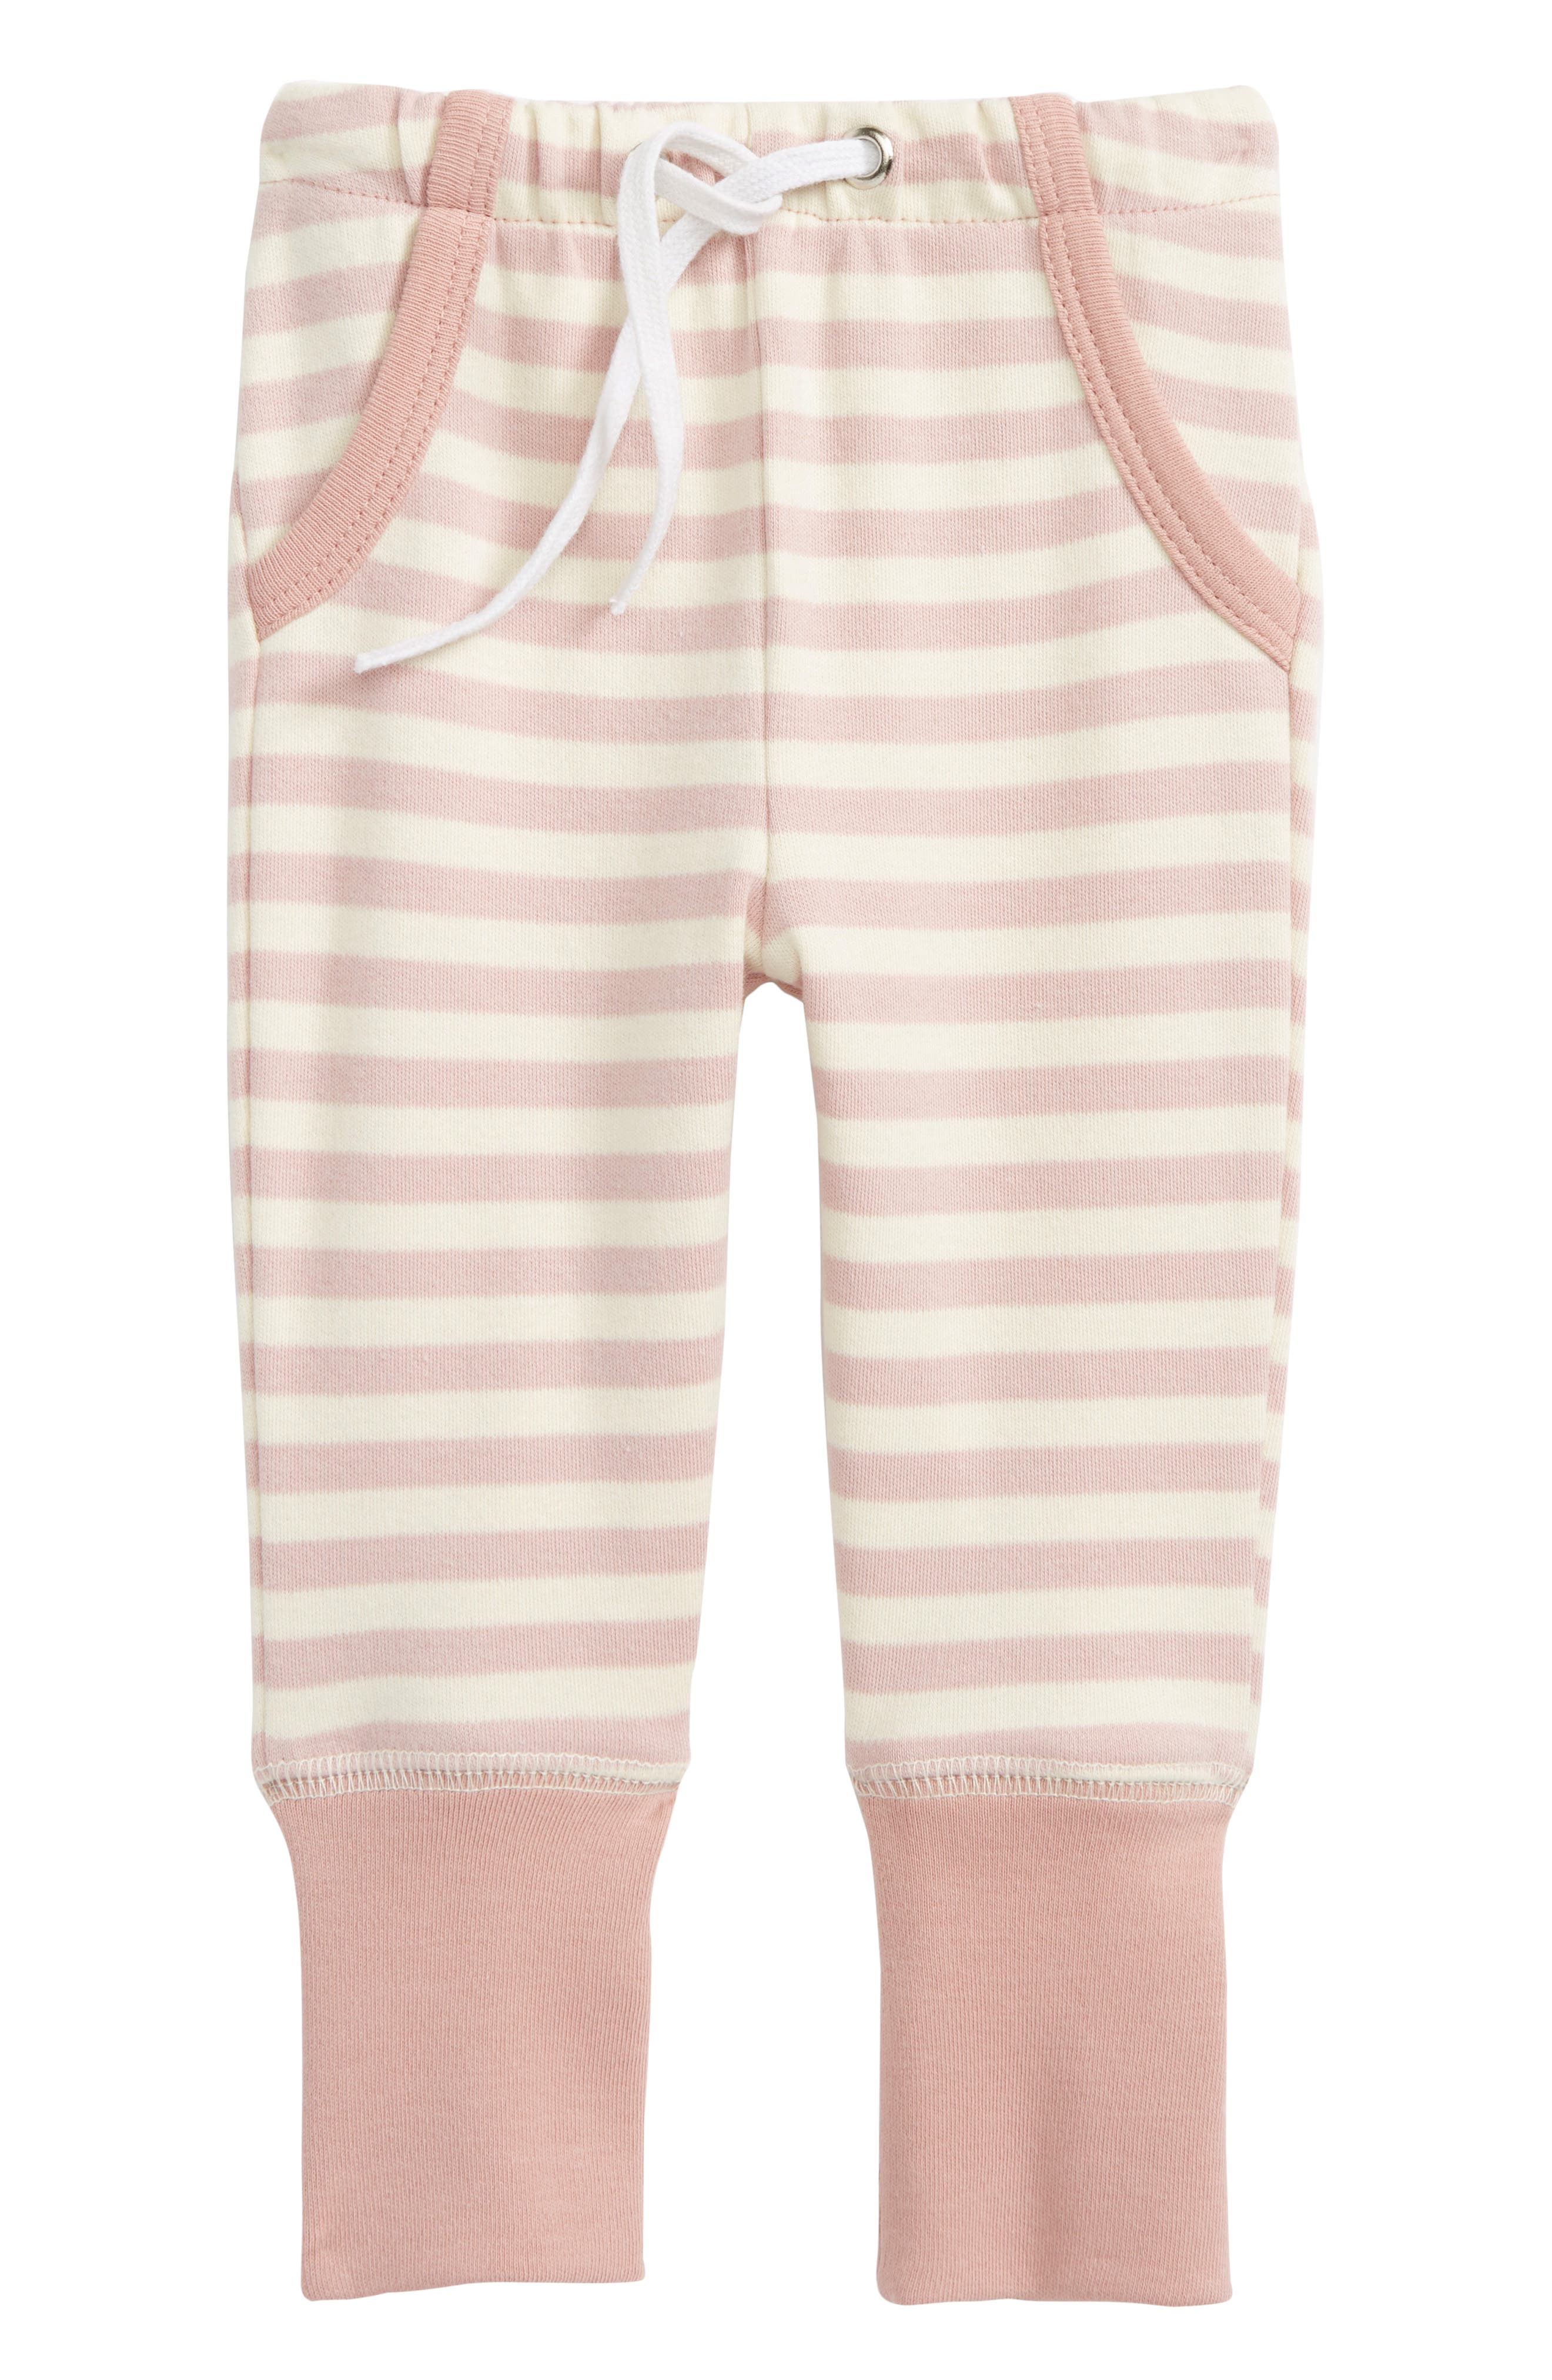 Organic Cotton Jogger Pants,                             Main thumbnail 1, color,                             Mauve/ Beige